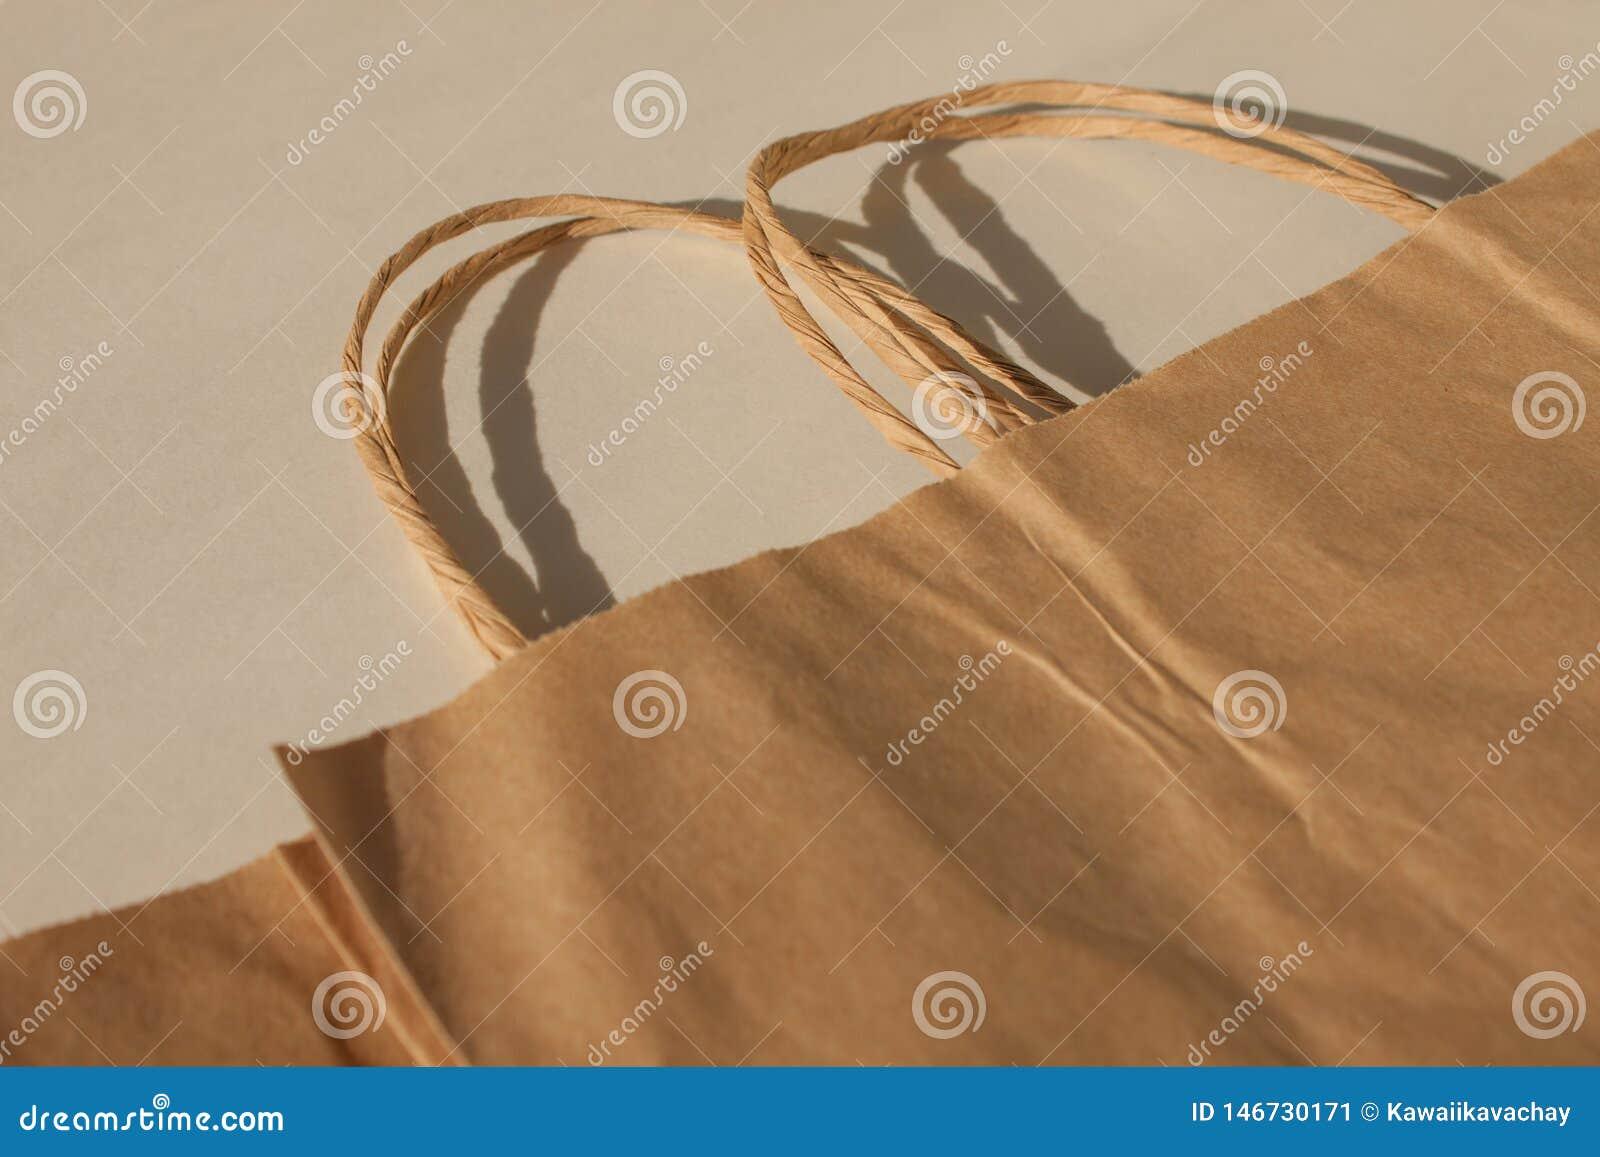 Isolerade disponibla p?sar av kraft papper, pacaging f?r uppeh?lle f?r ecostil ekologisk och ekonomisk,